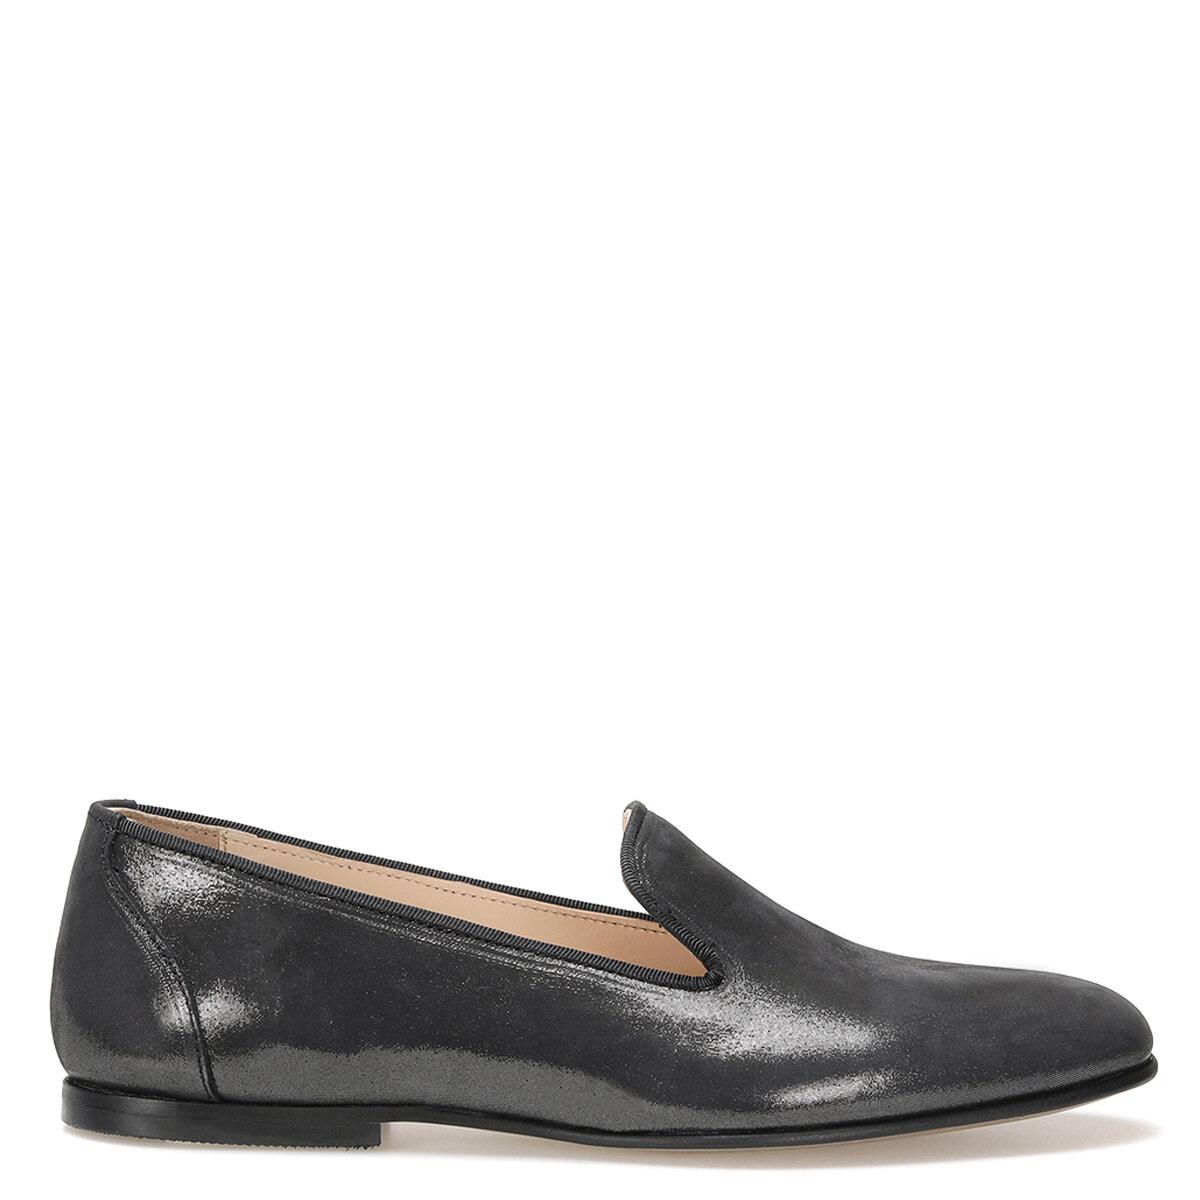 PERO Antrasit Kadın Loafer Ayakkabı